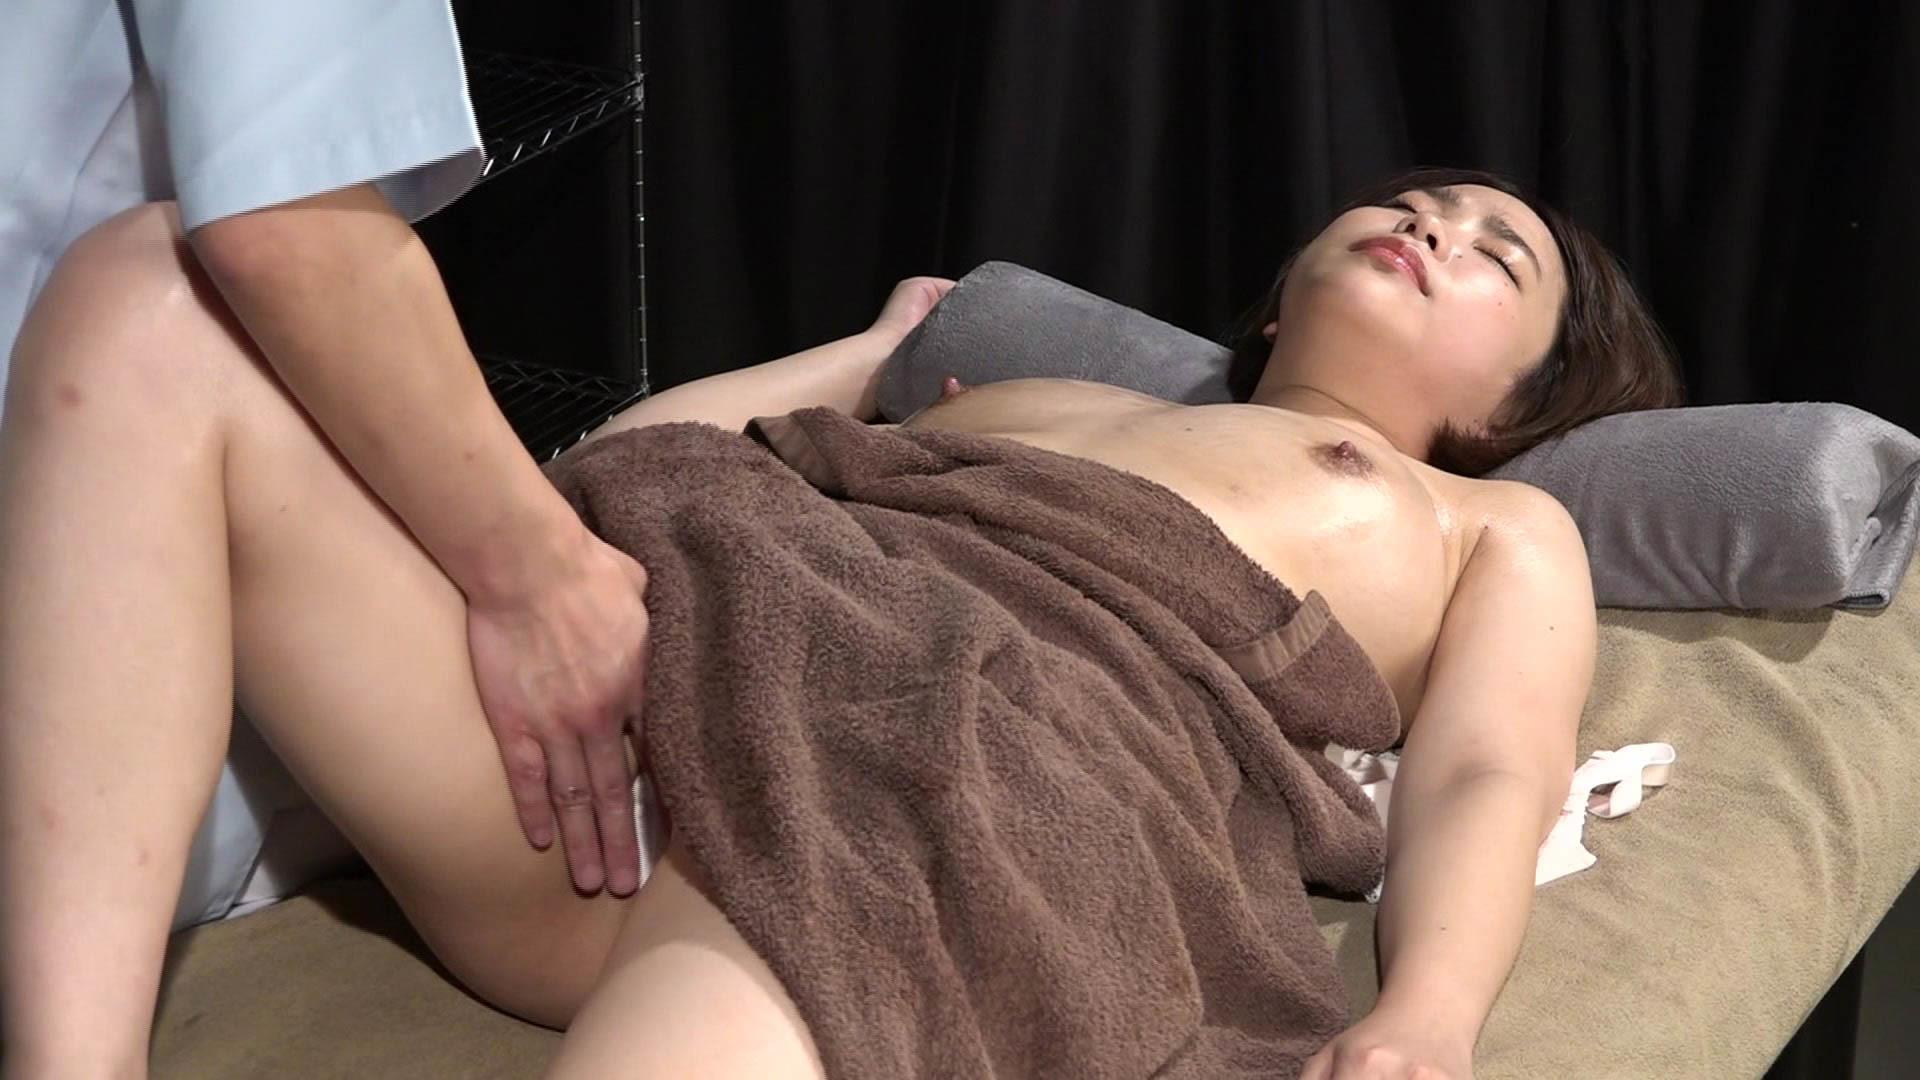 美人歯科衛生士を性感マッサージでとことんイカせてみた 画像17